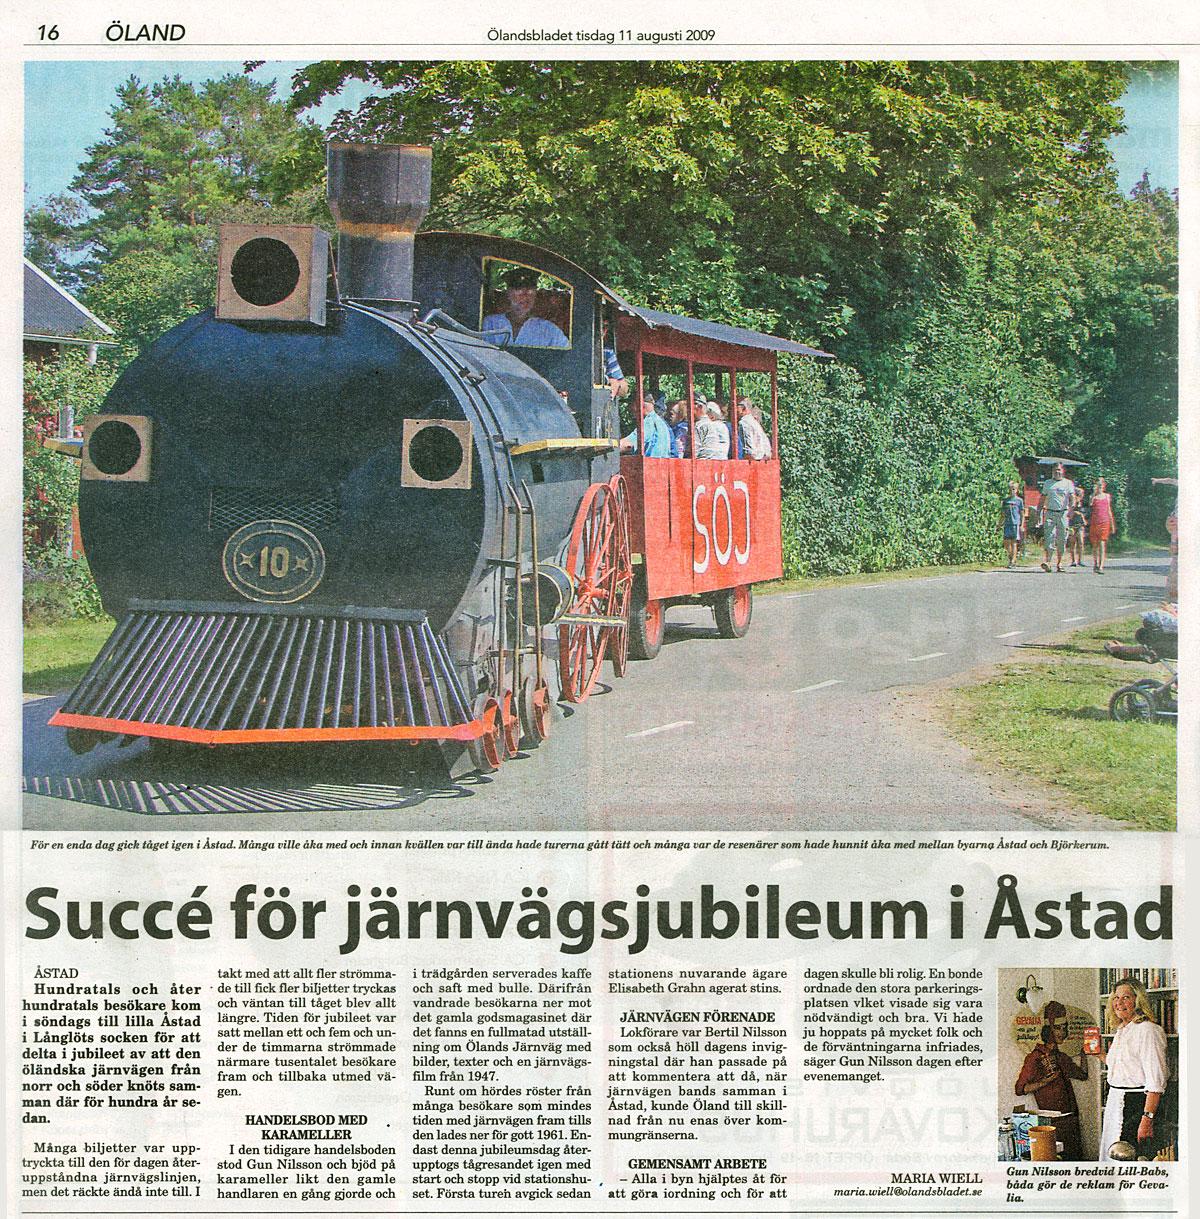 Ölandsbladet: Järnvägen Åstad